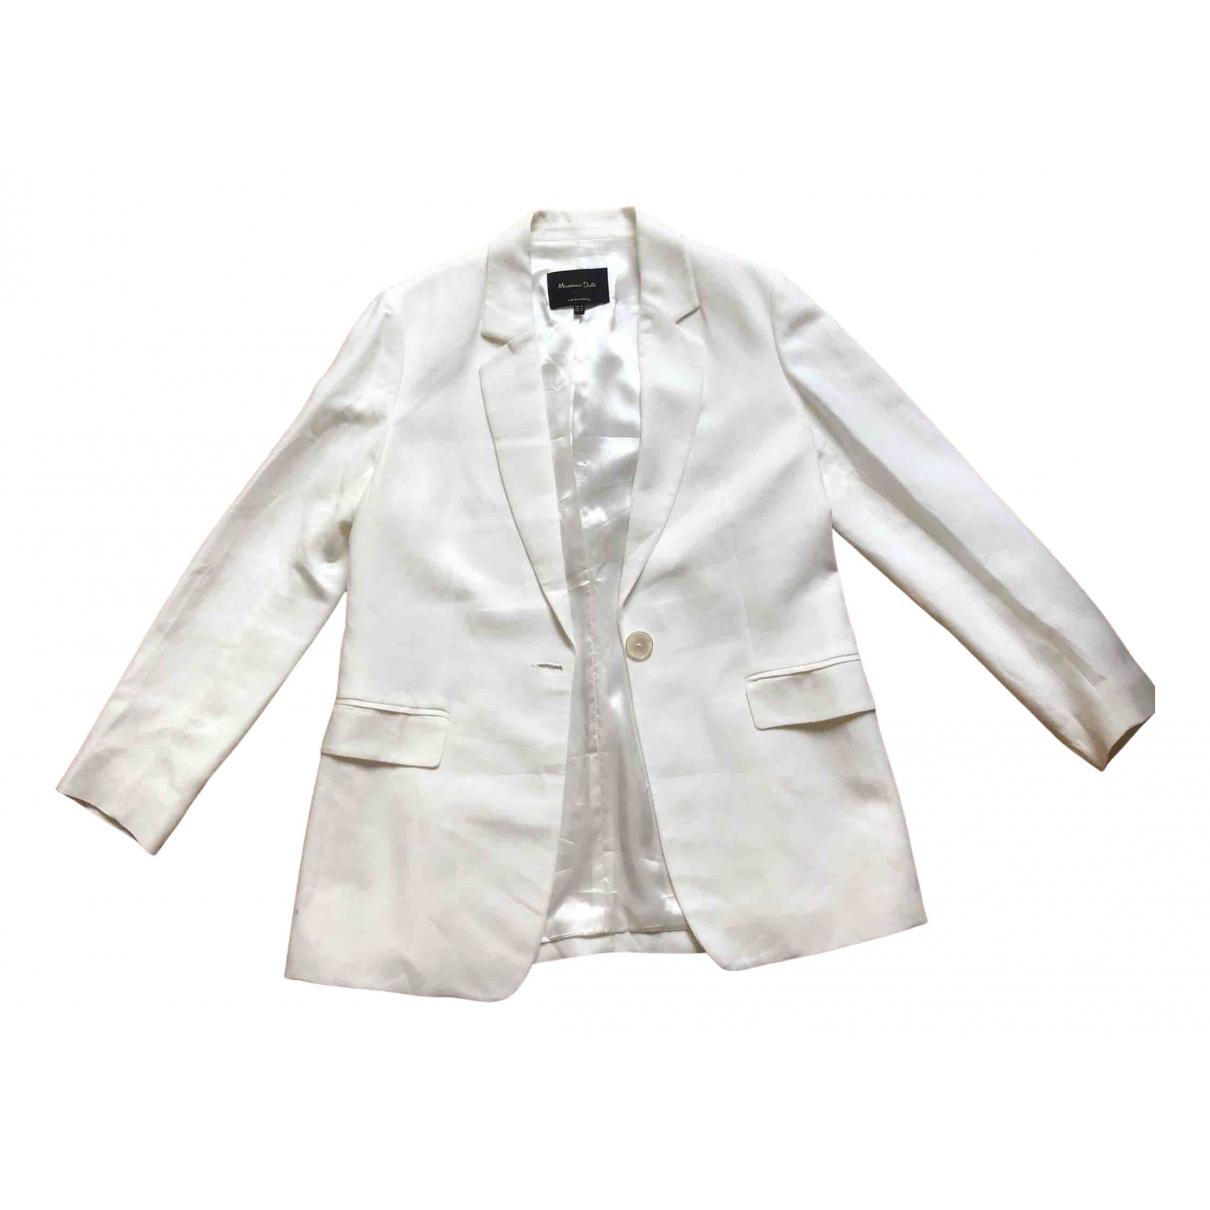 Massimo Dutti - Veste   pour femme en lin - blanc